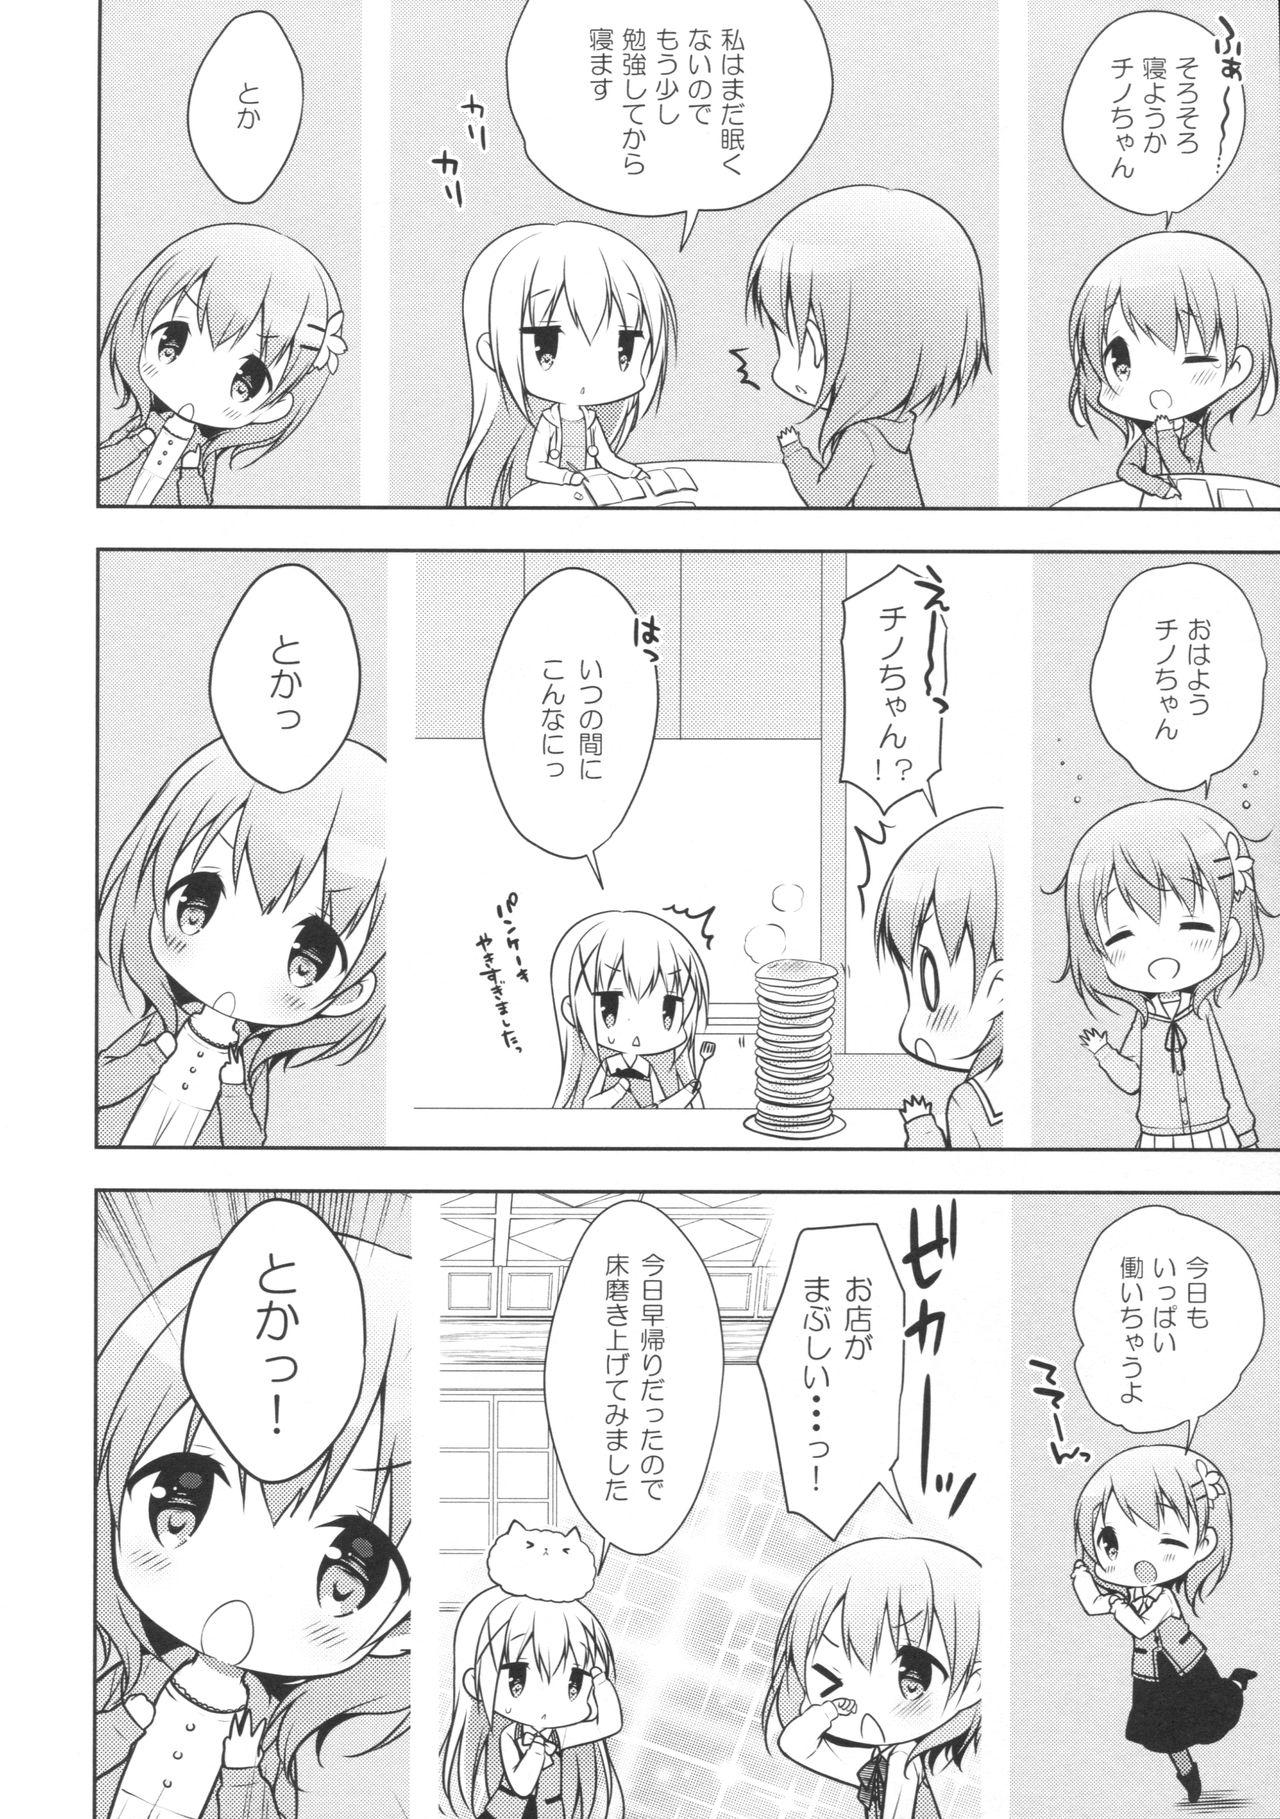 Chino-chan wa Goshuushin Kokoa√ 6